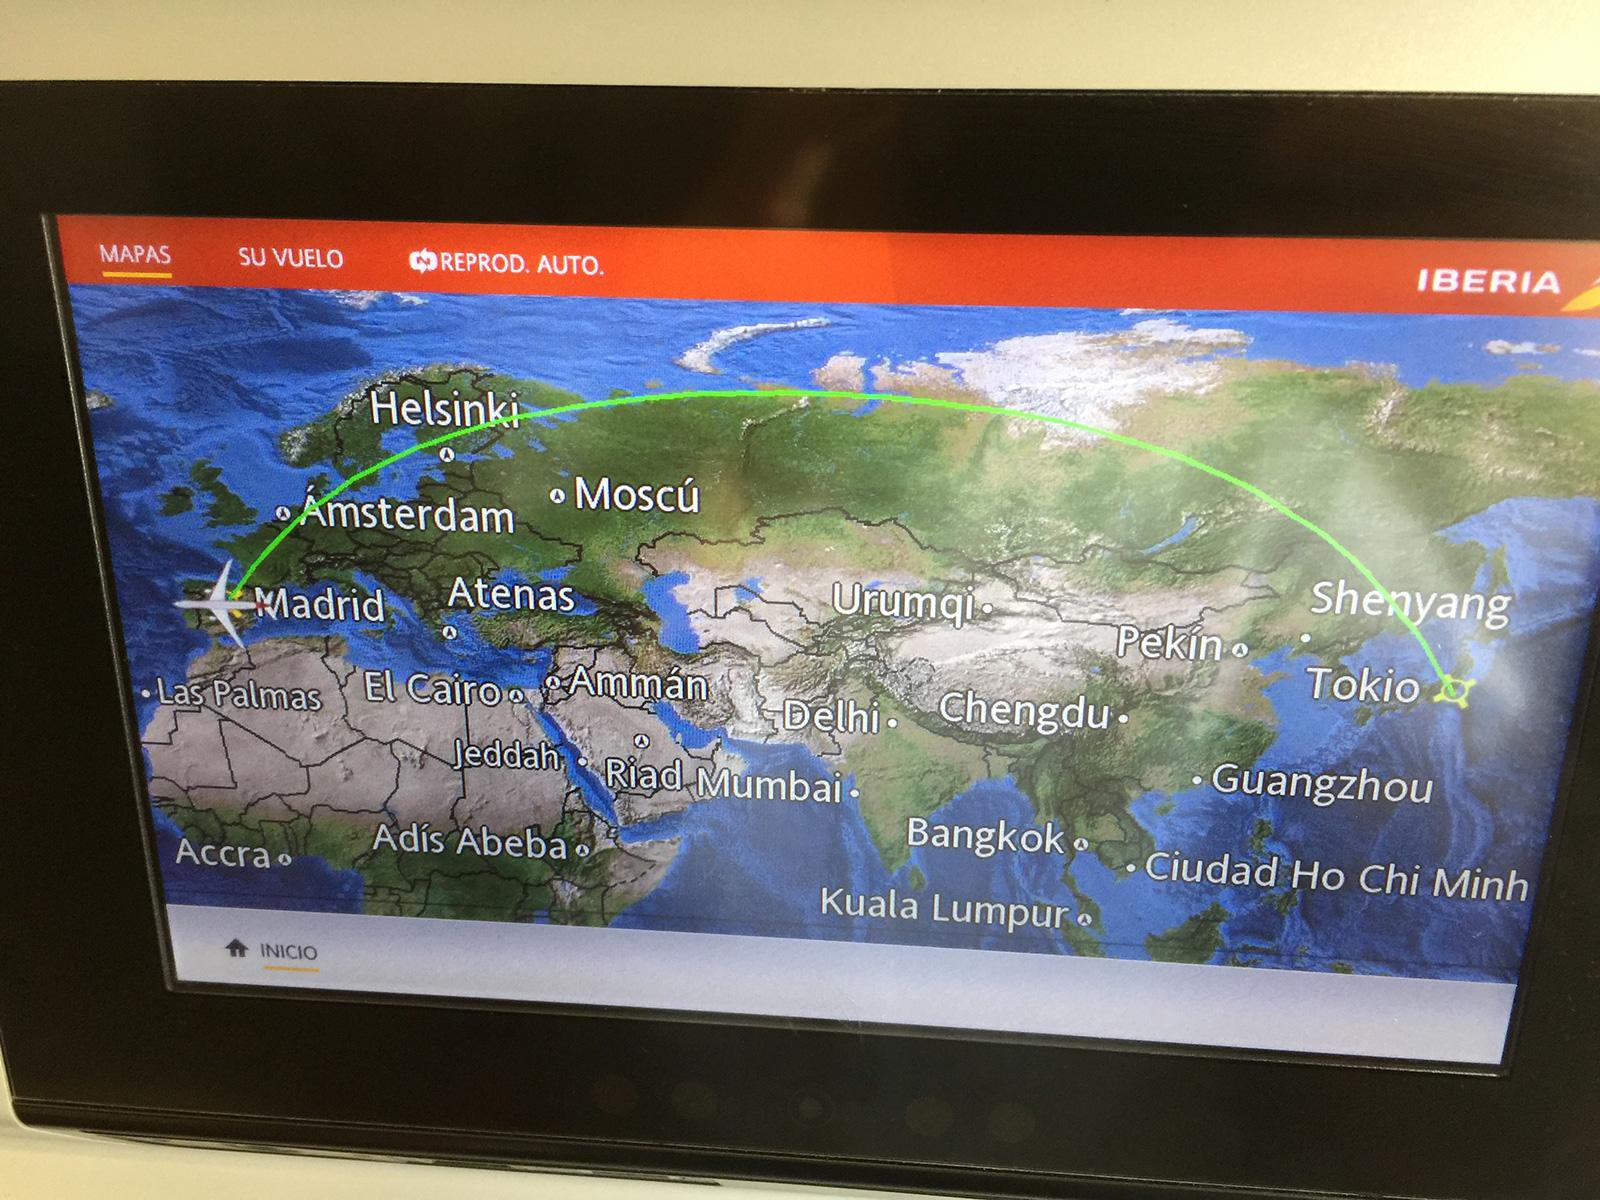 Sistema de entretenimiento con destino a Tokio configurado